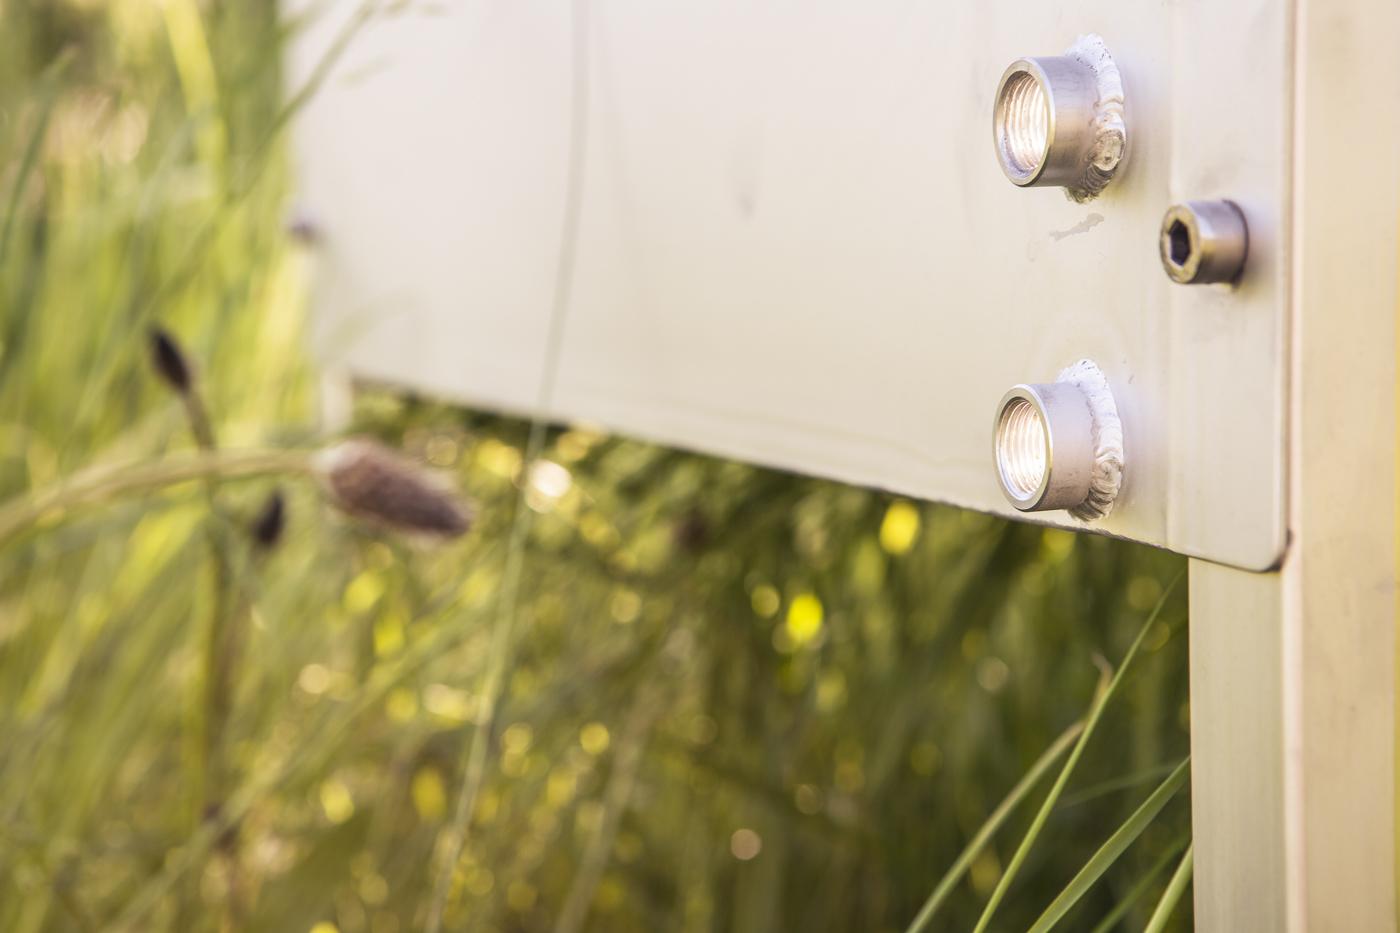 Eine frostsichere Abflussöffnung verhindert Staunässe